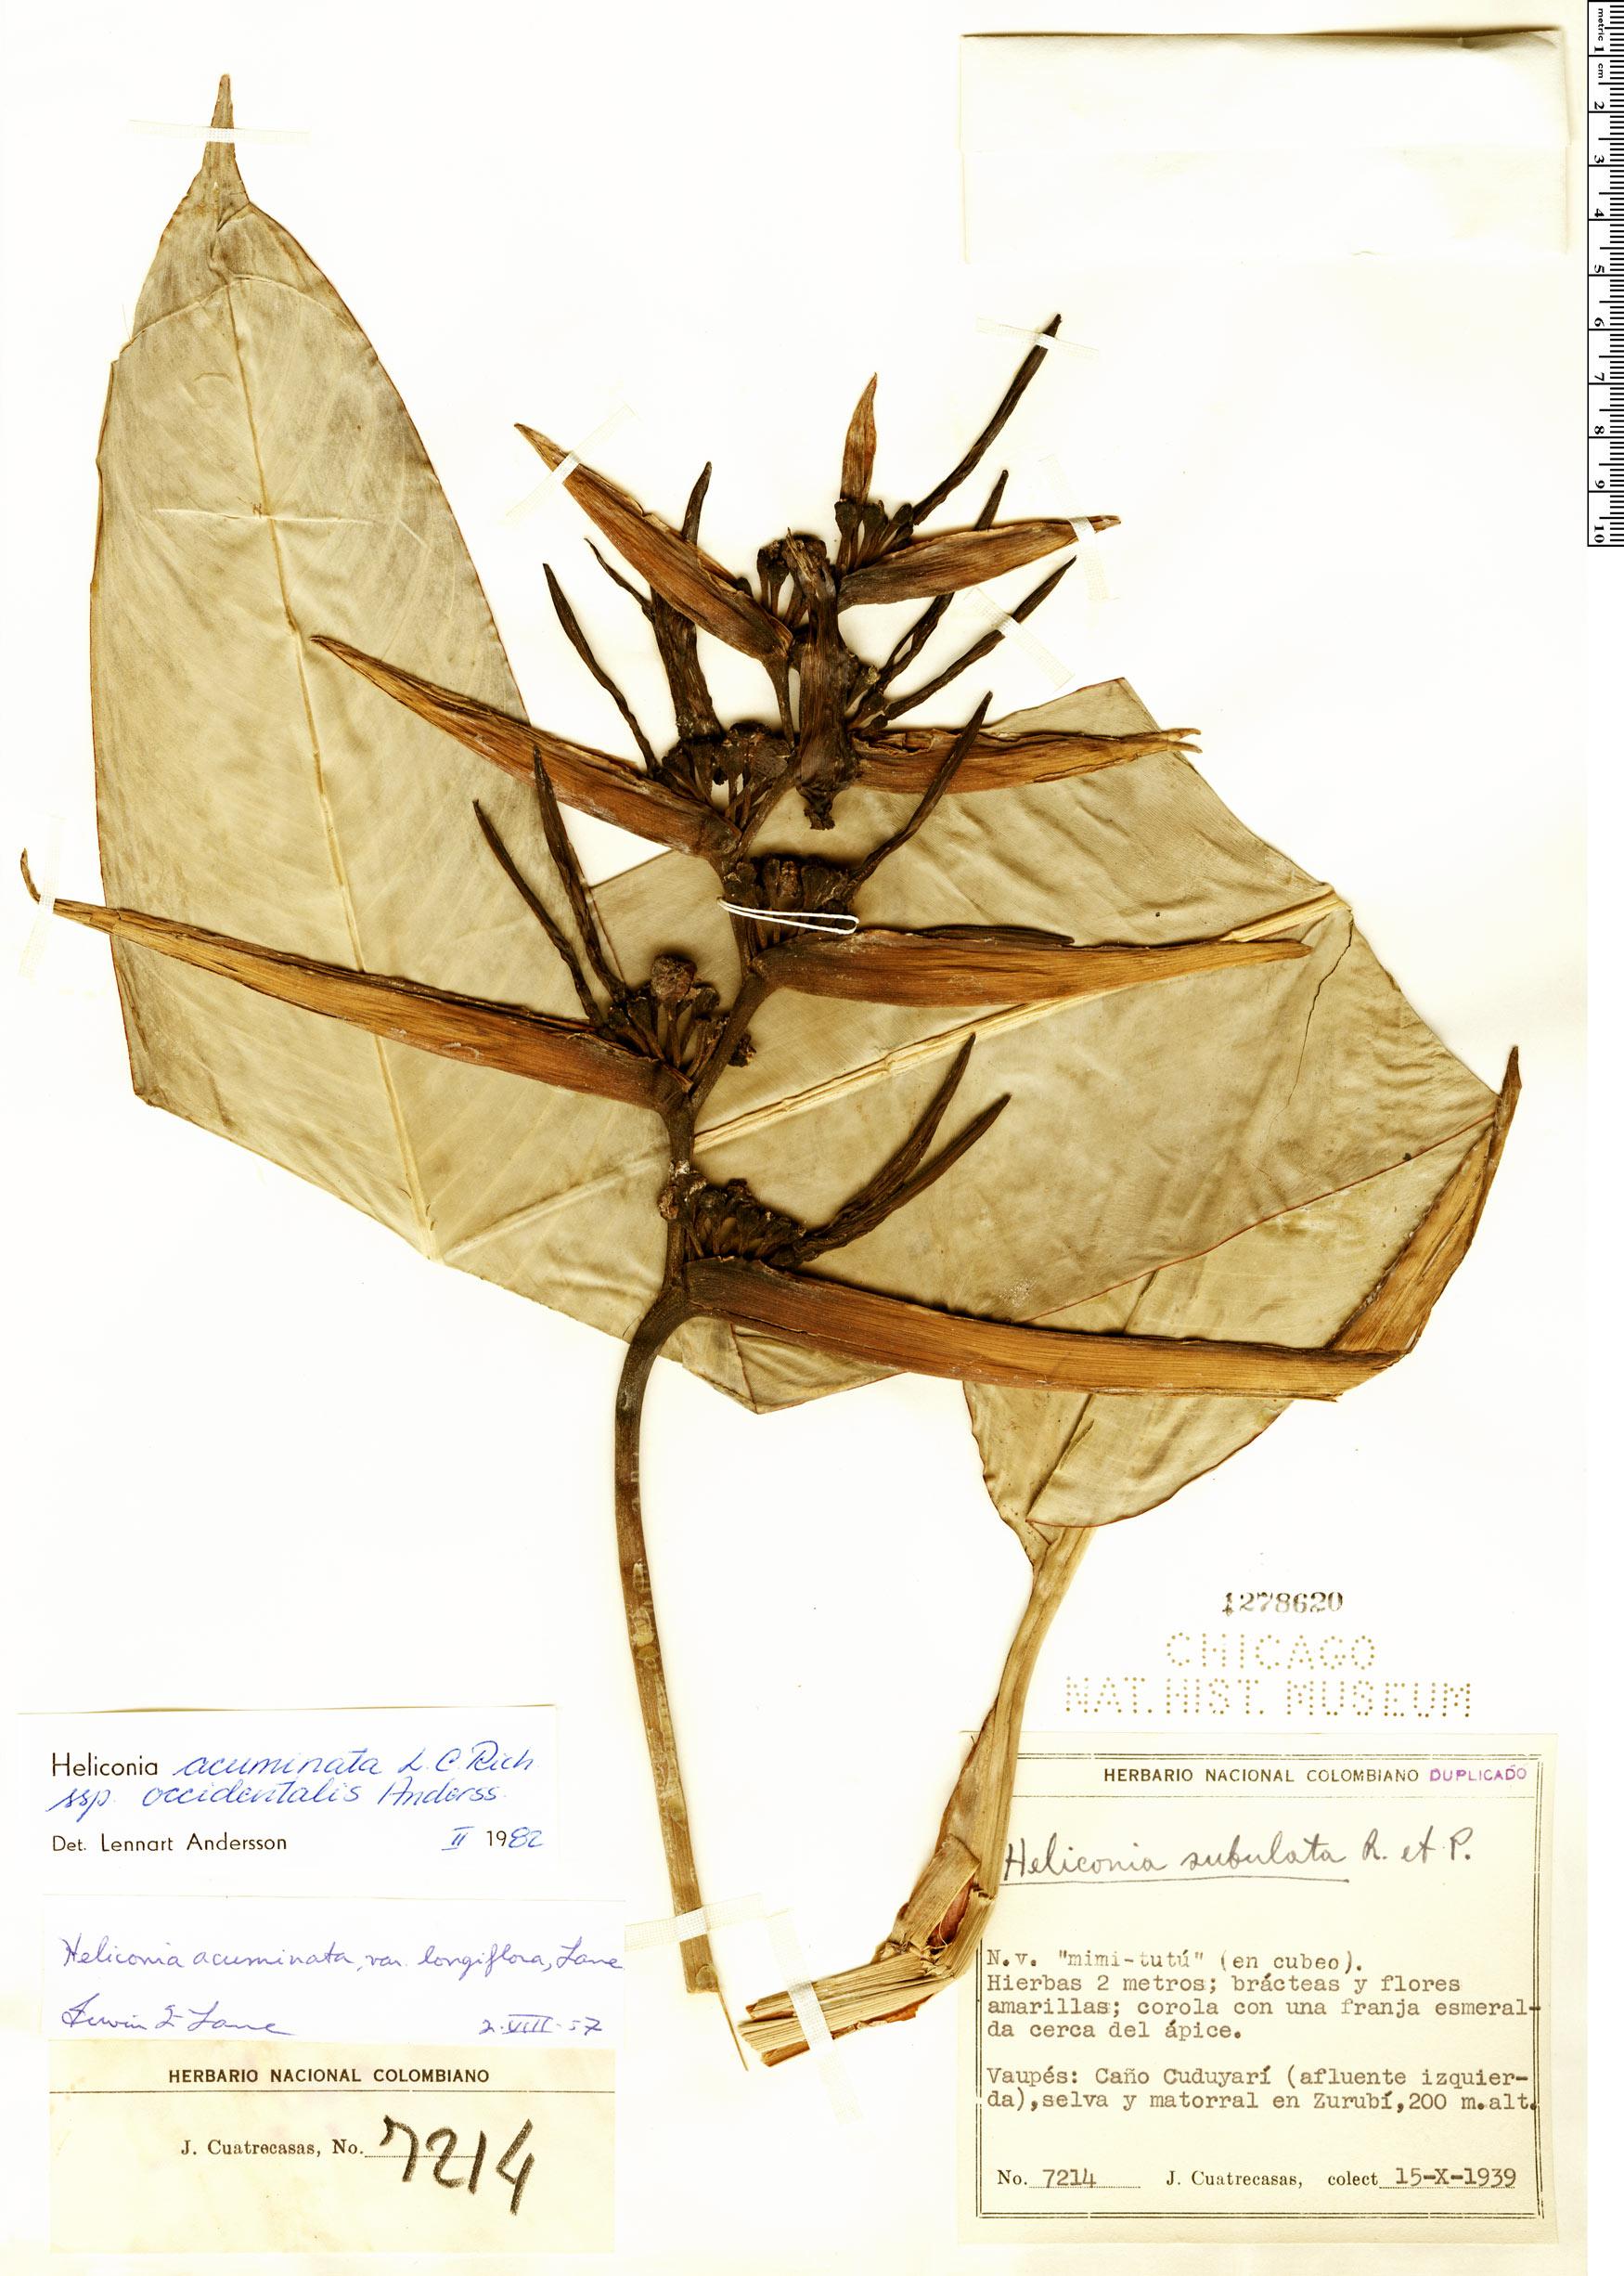 Specimen: Heliconia acuminata